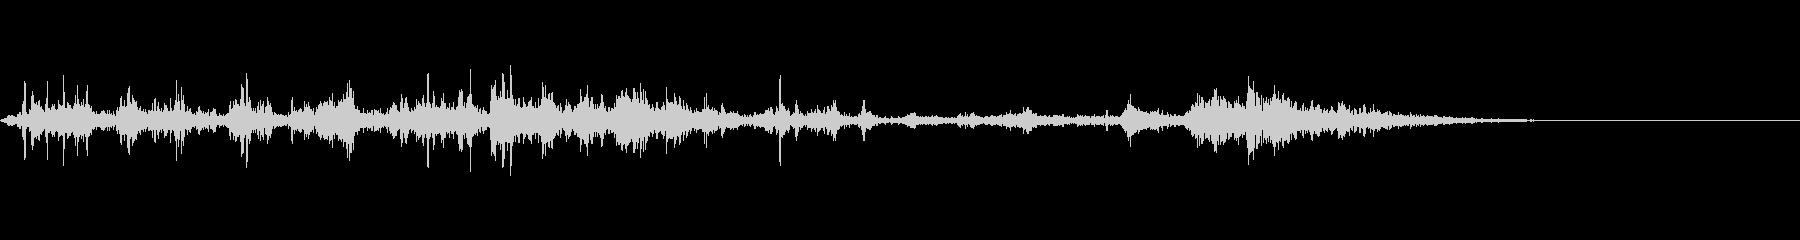 カミナリ(遠雷)-08の未再生の波形